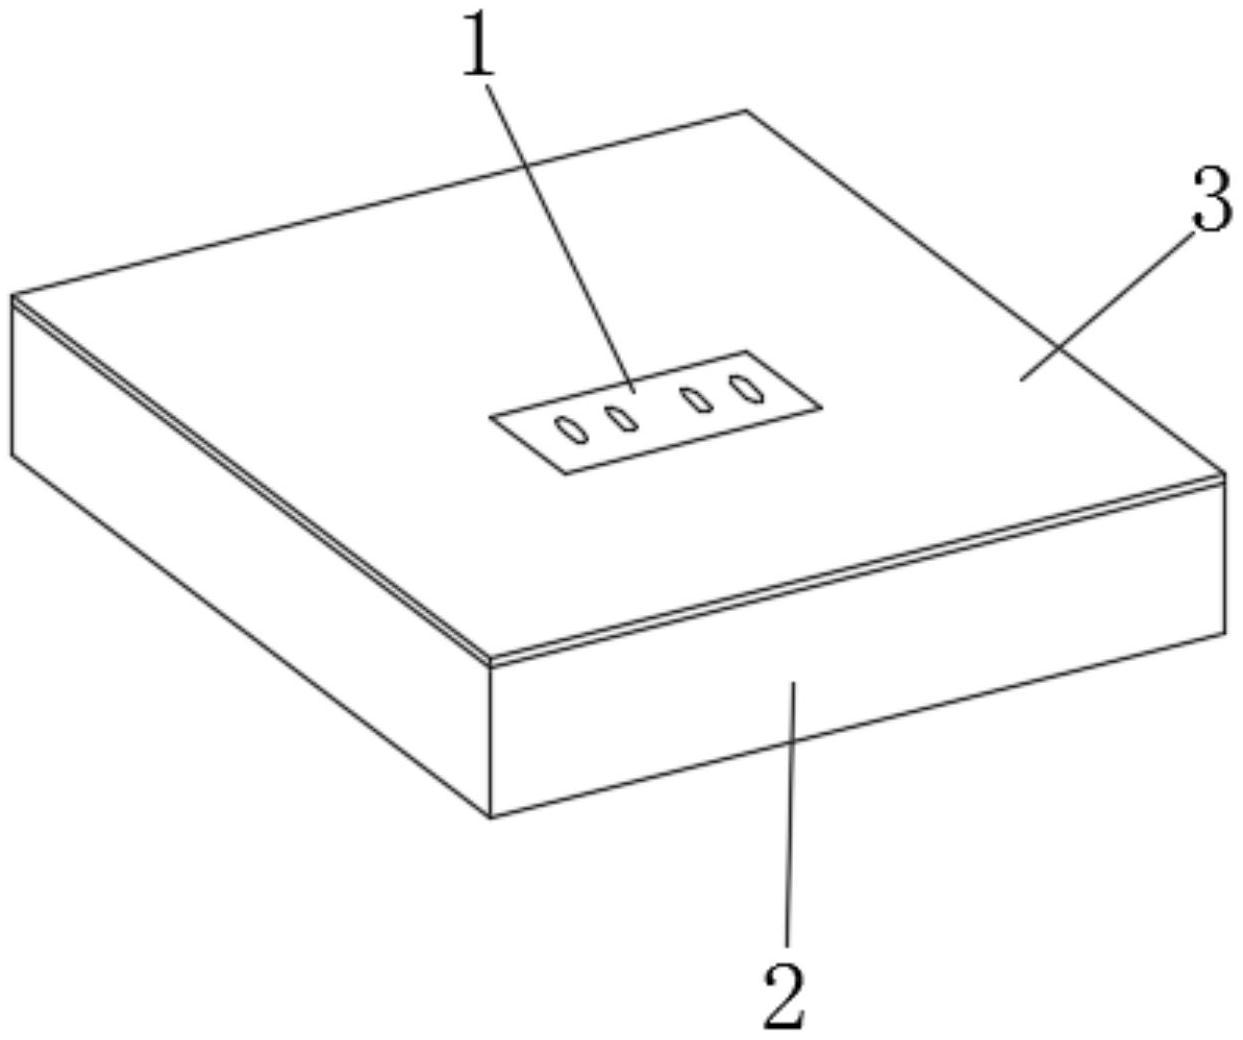 一种具有高温保护功能的计算机网关设备